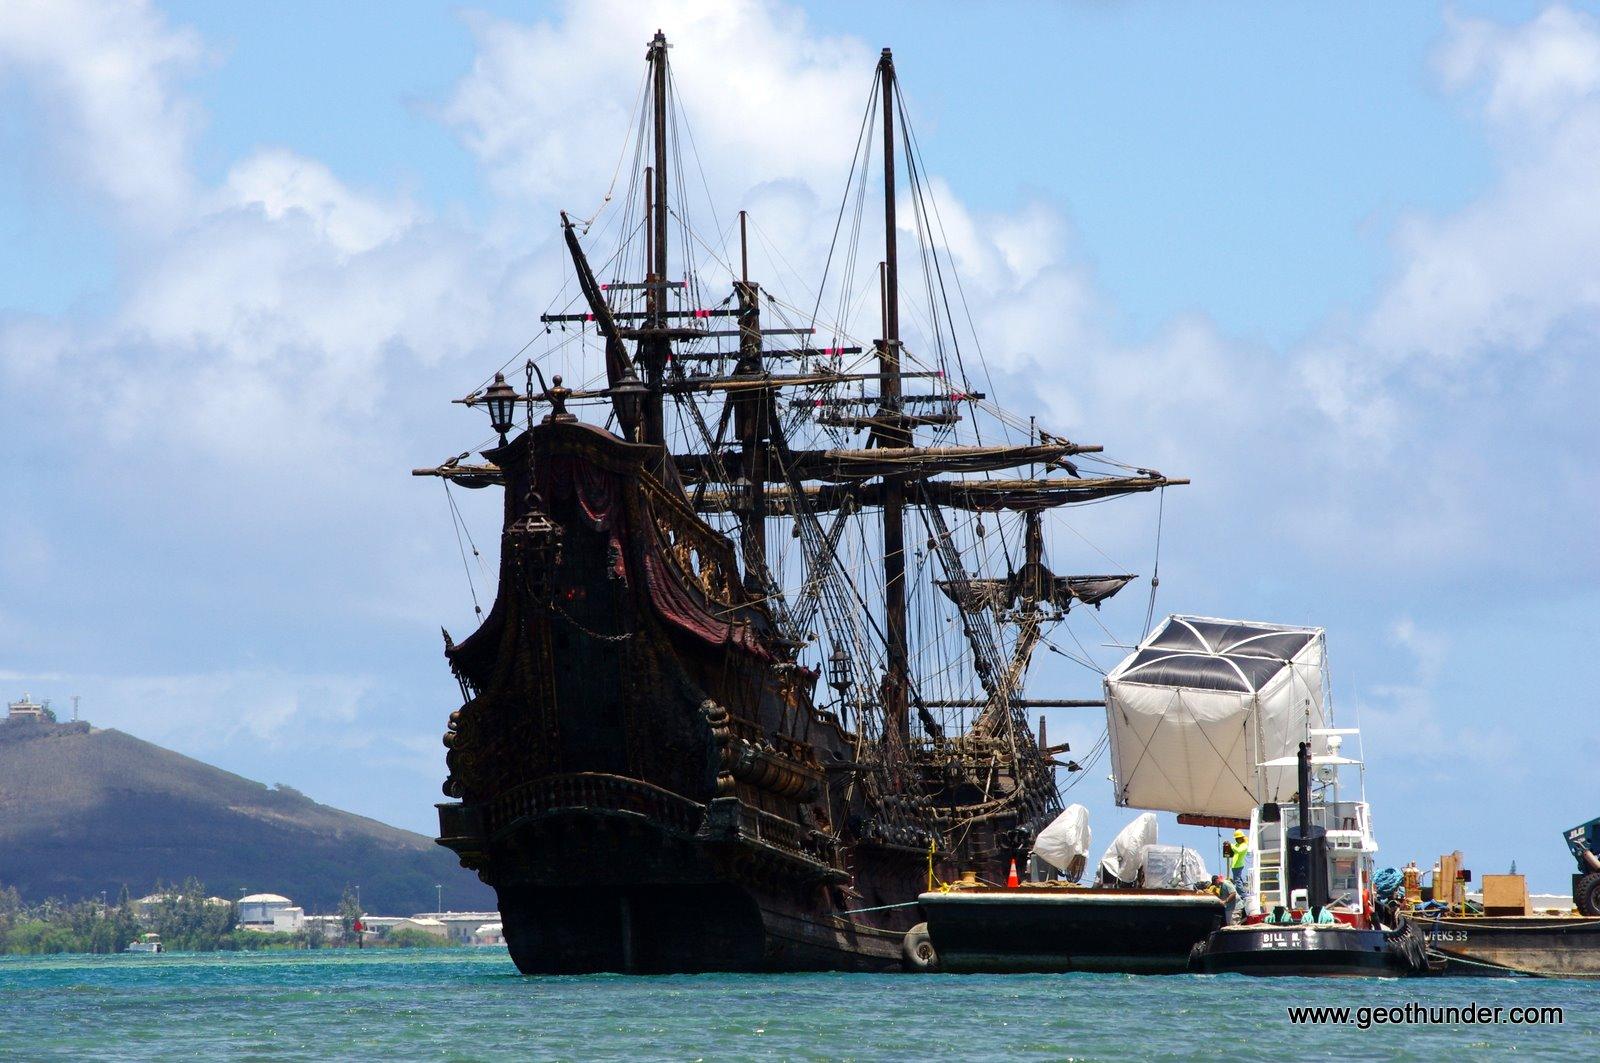 Piratas De Verdad